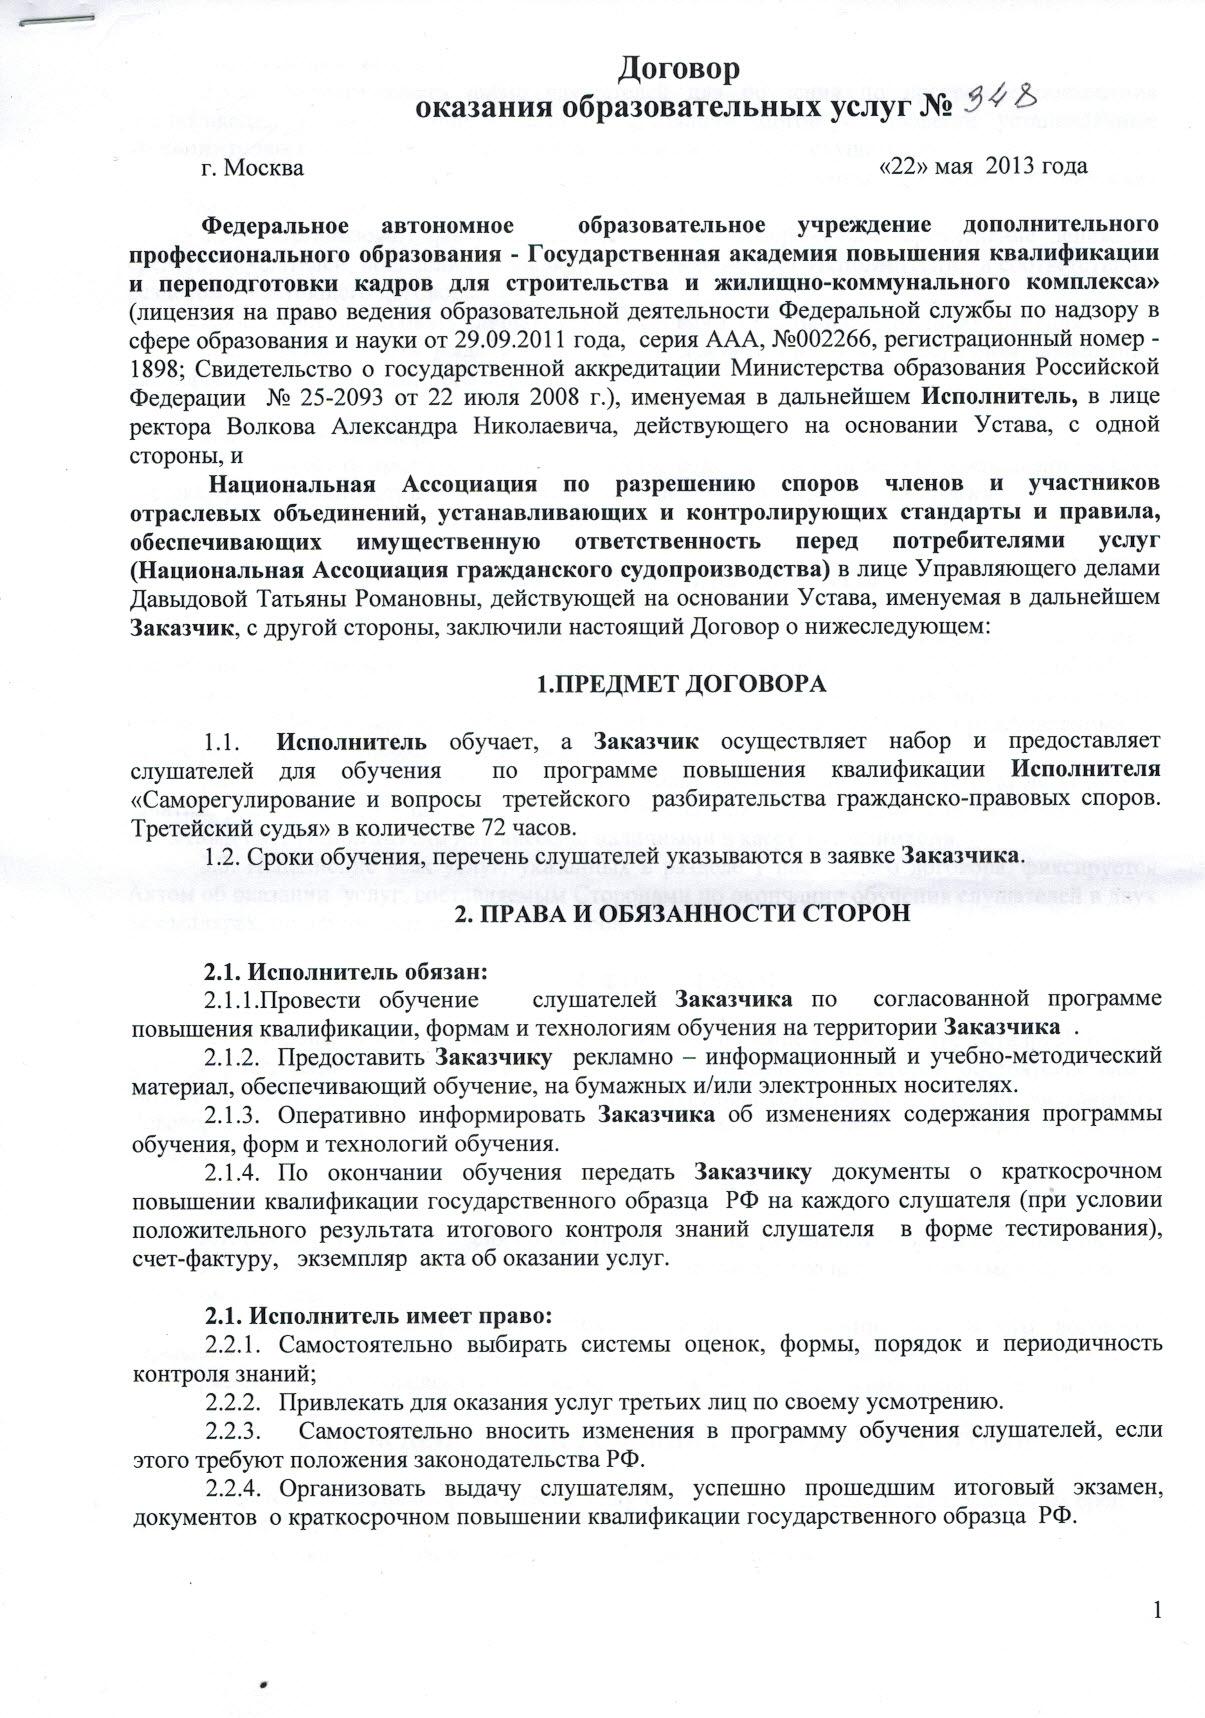 Договор оказания образовательных услуг